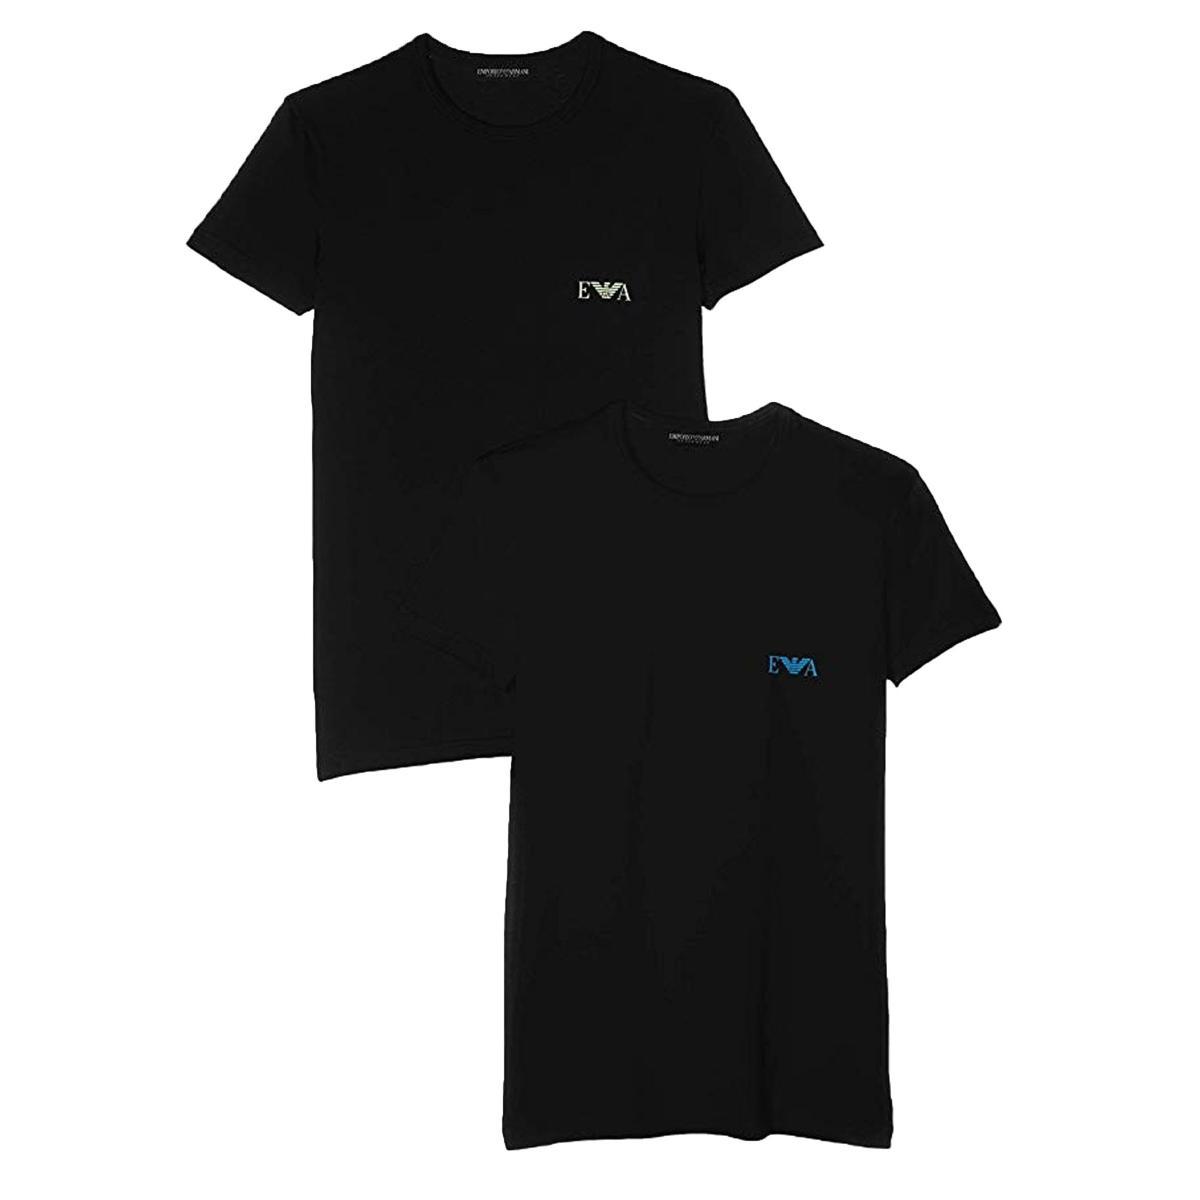 T-shirt Intime Emporio Armani 2 Pack da uomo rif. 111670 9P715